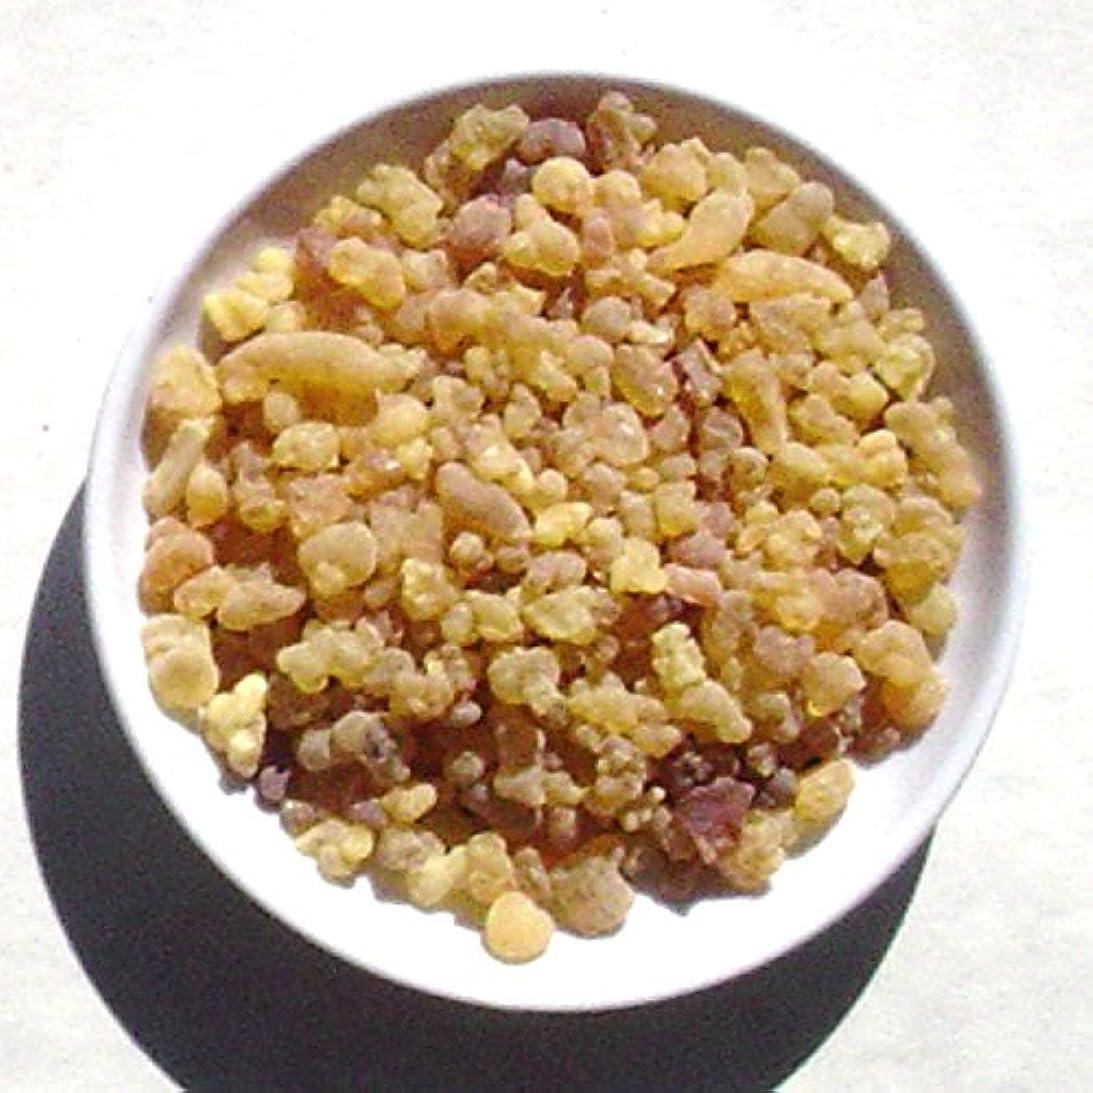 閃光ミシン草Arabian Frankincense – 1ポンド – Traditional Incense (樹脂)バルク